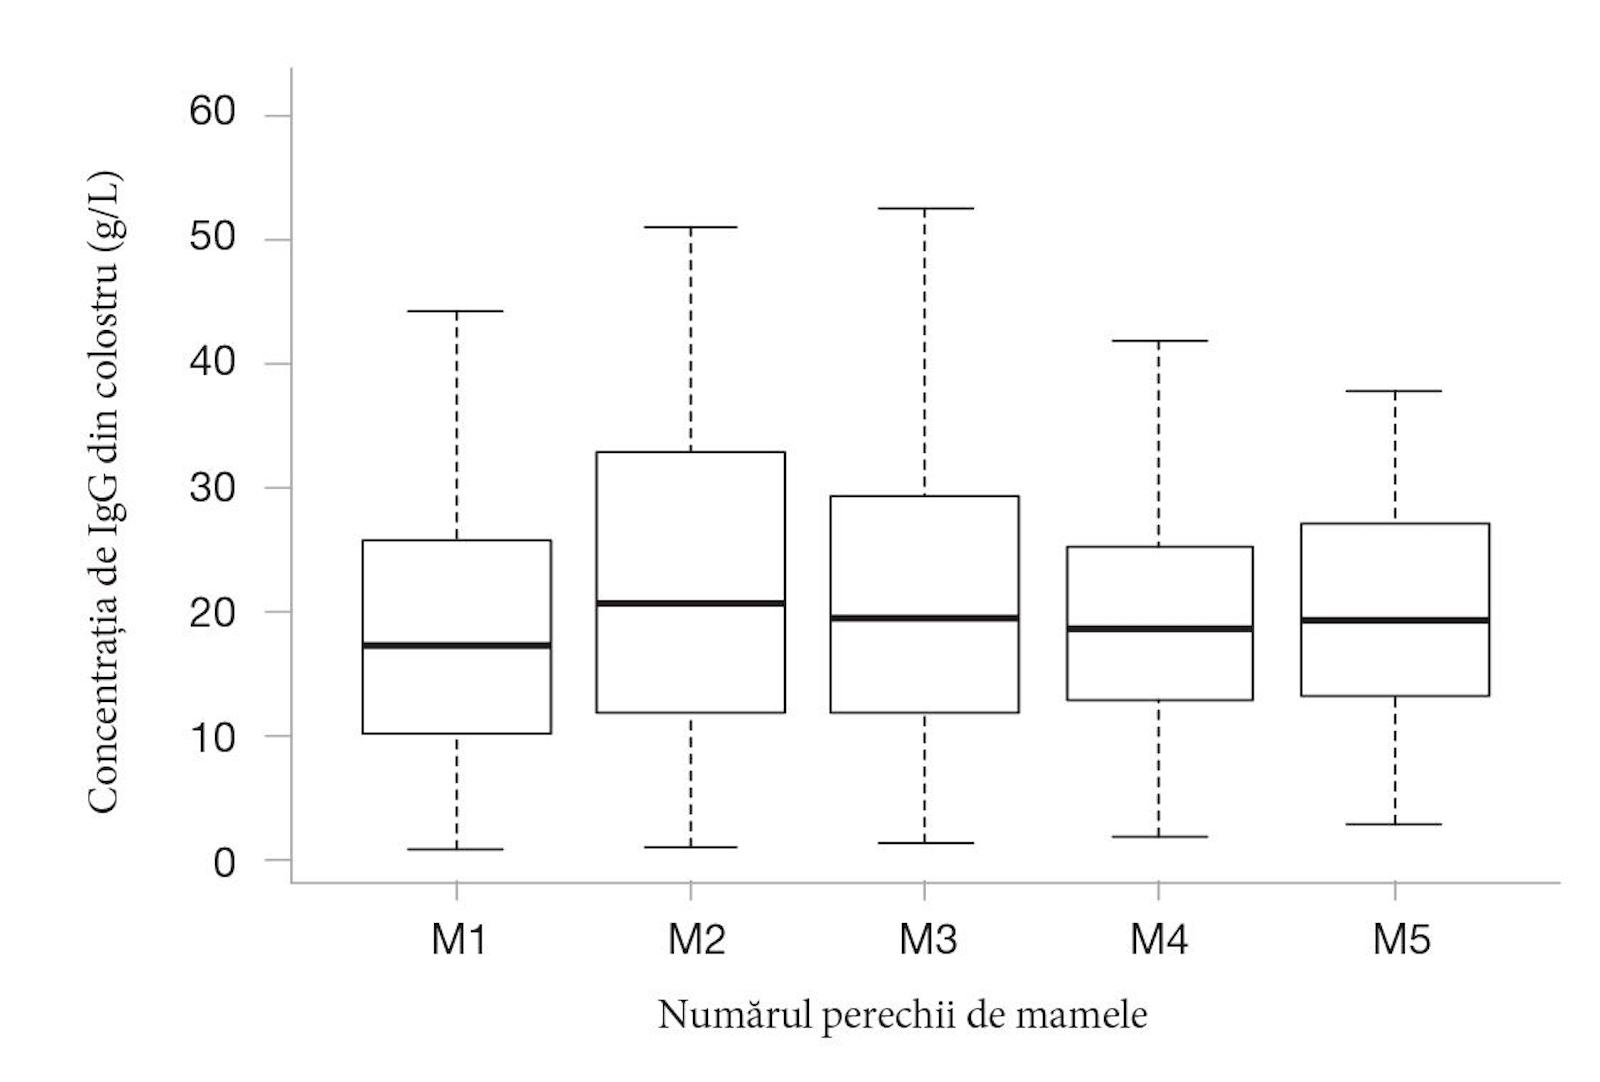 Figura 3. Calitatea imunologică a colostrului conform numărului de perechi de mamele